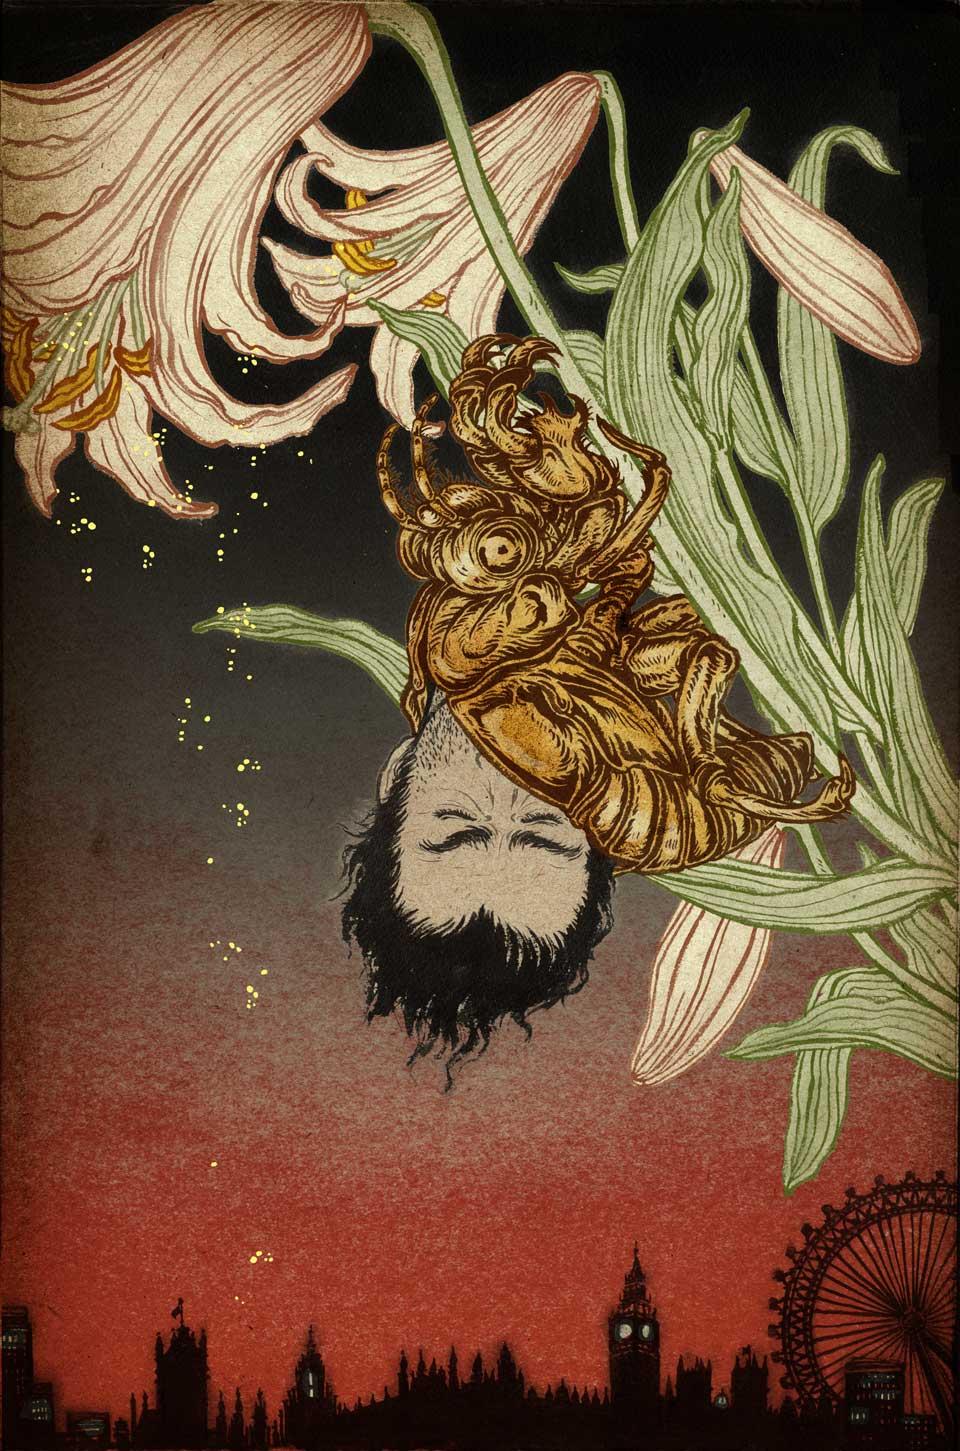 yuko shimizu illustration oldskull-7